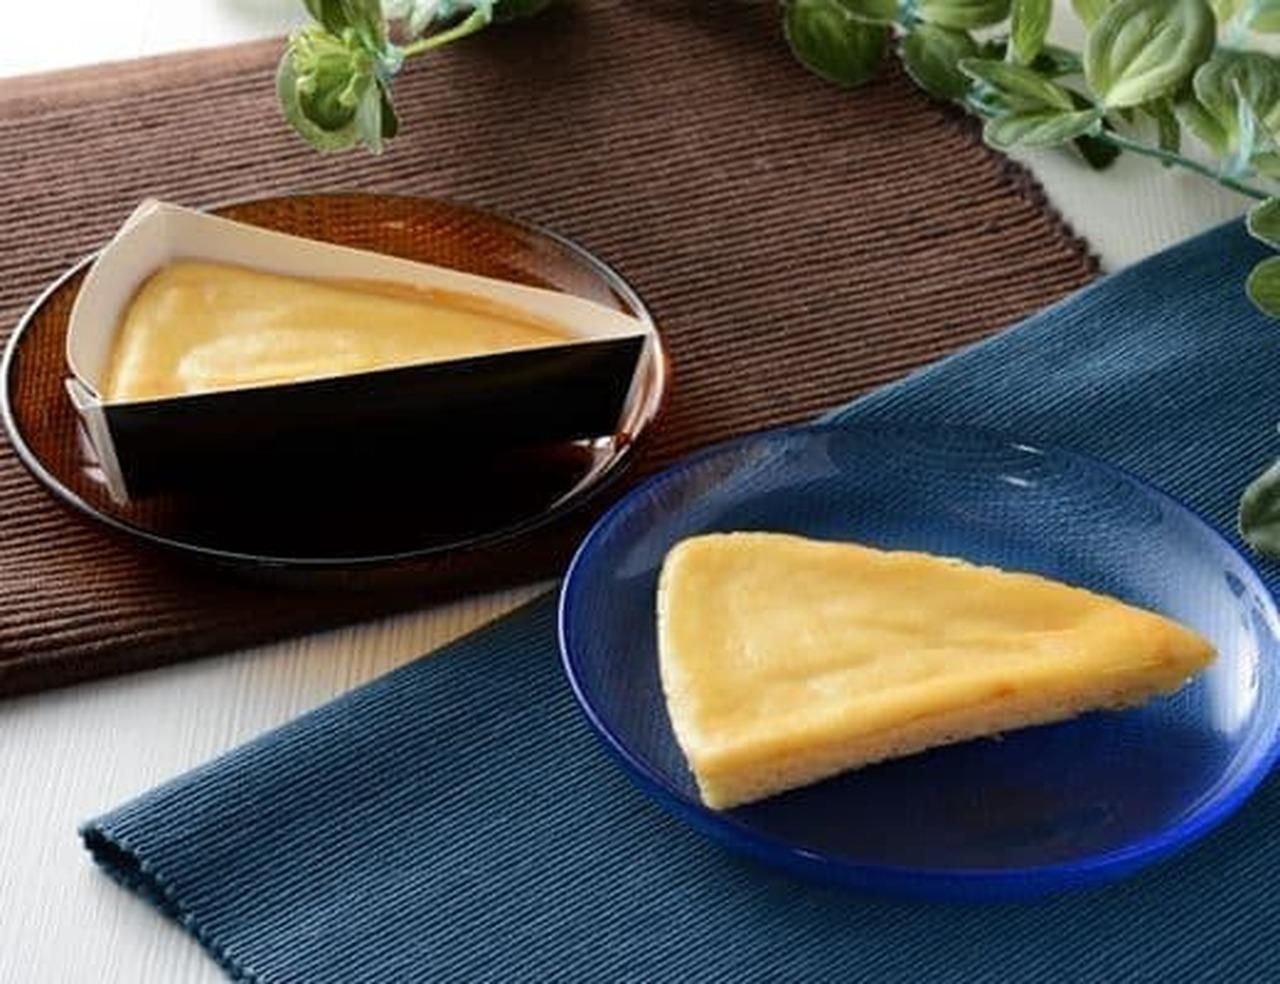 ローソン「NL なめらかベイクドチーズケーキ」